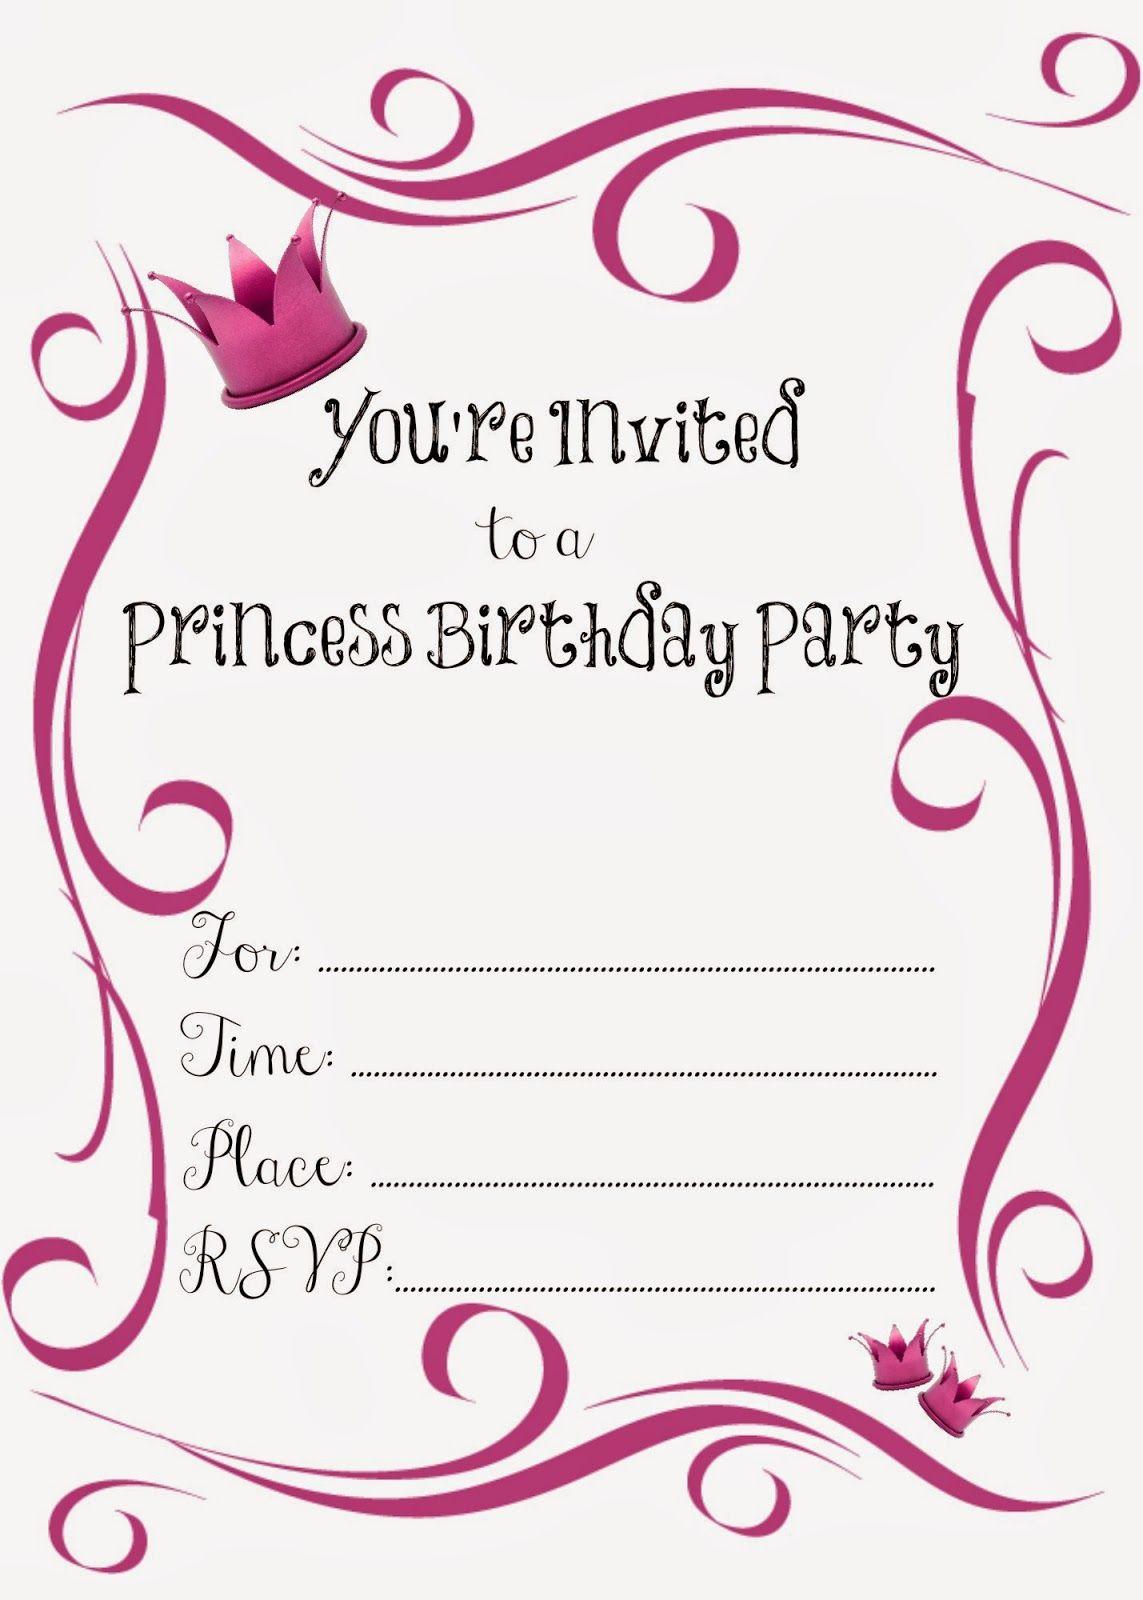 Free Printable Princess Birthday Party Invitations #freeprintables - Free Printable Princess Invitations